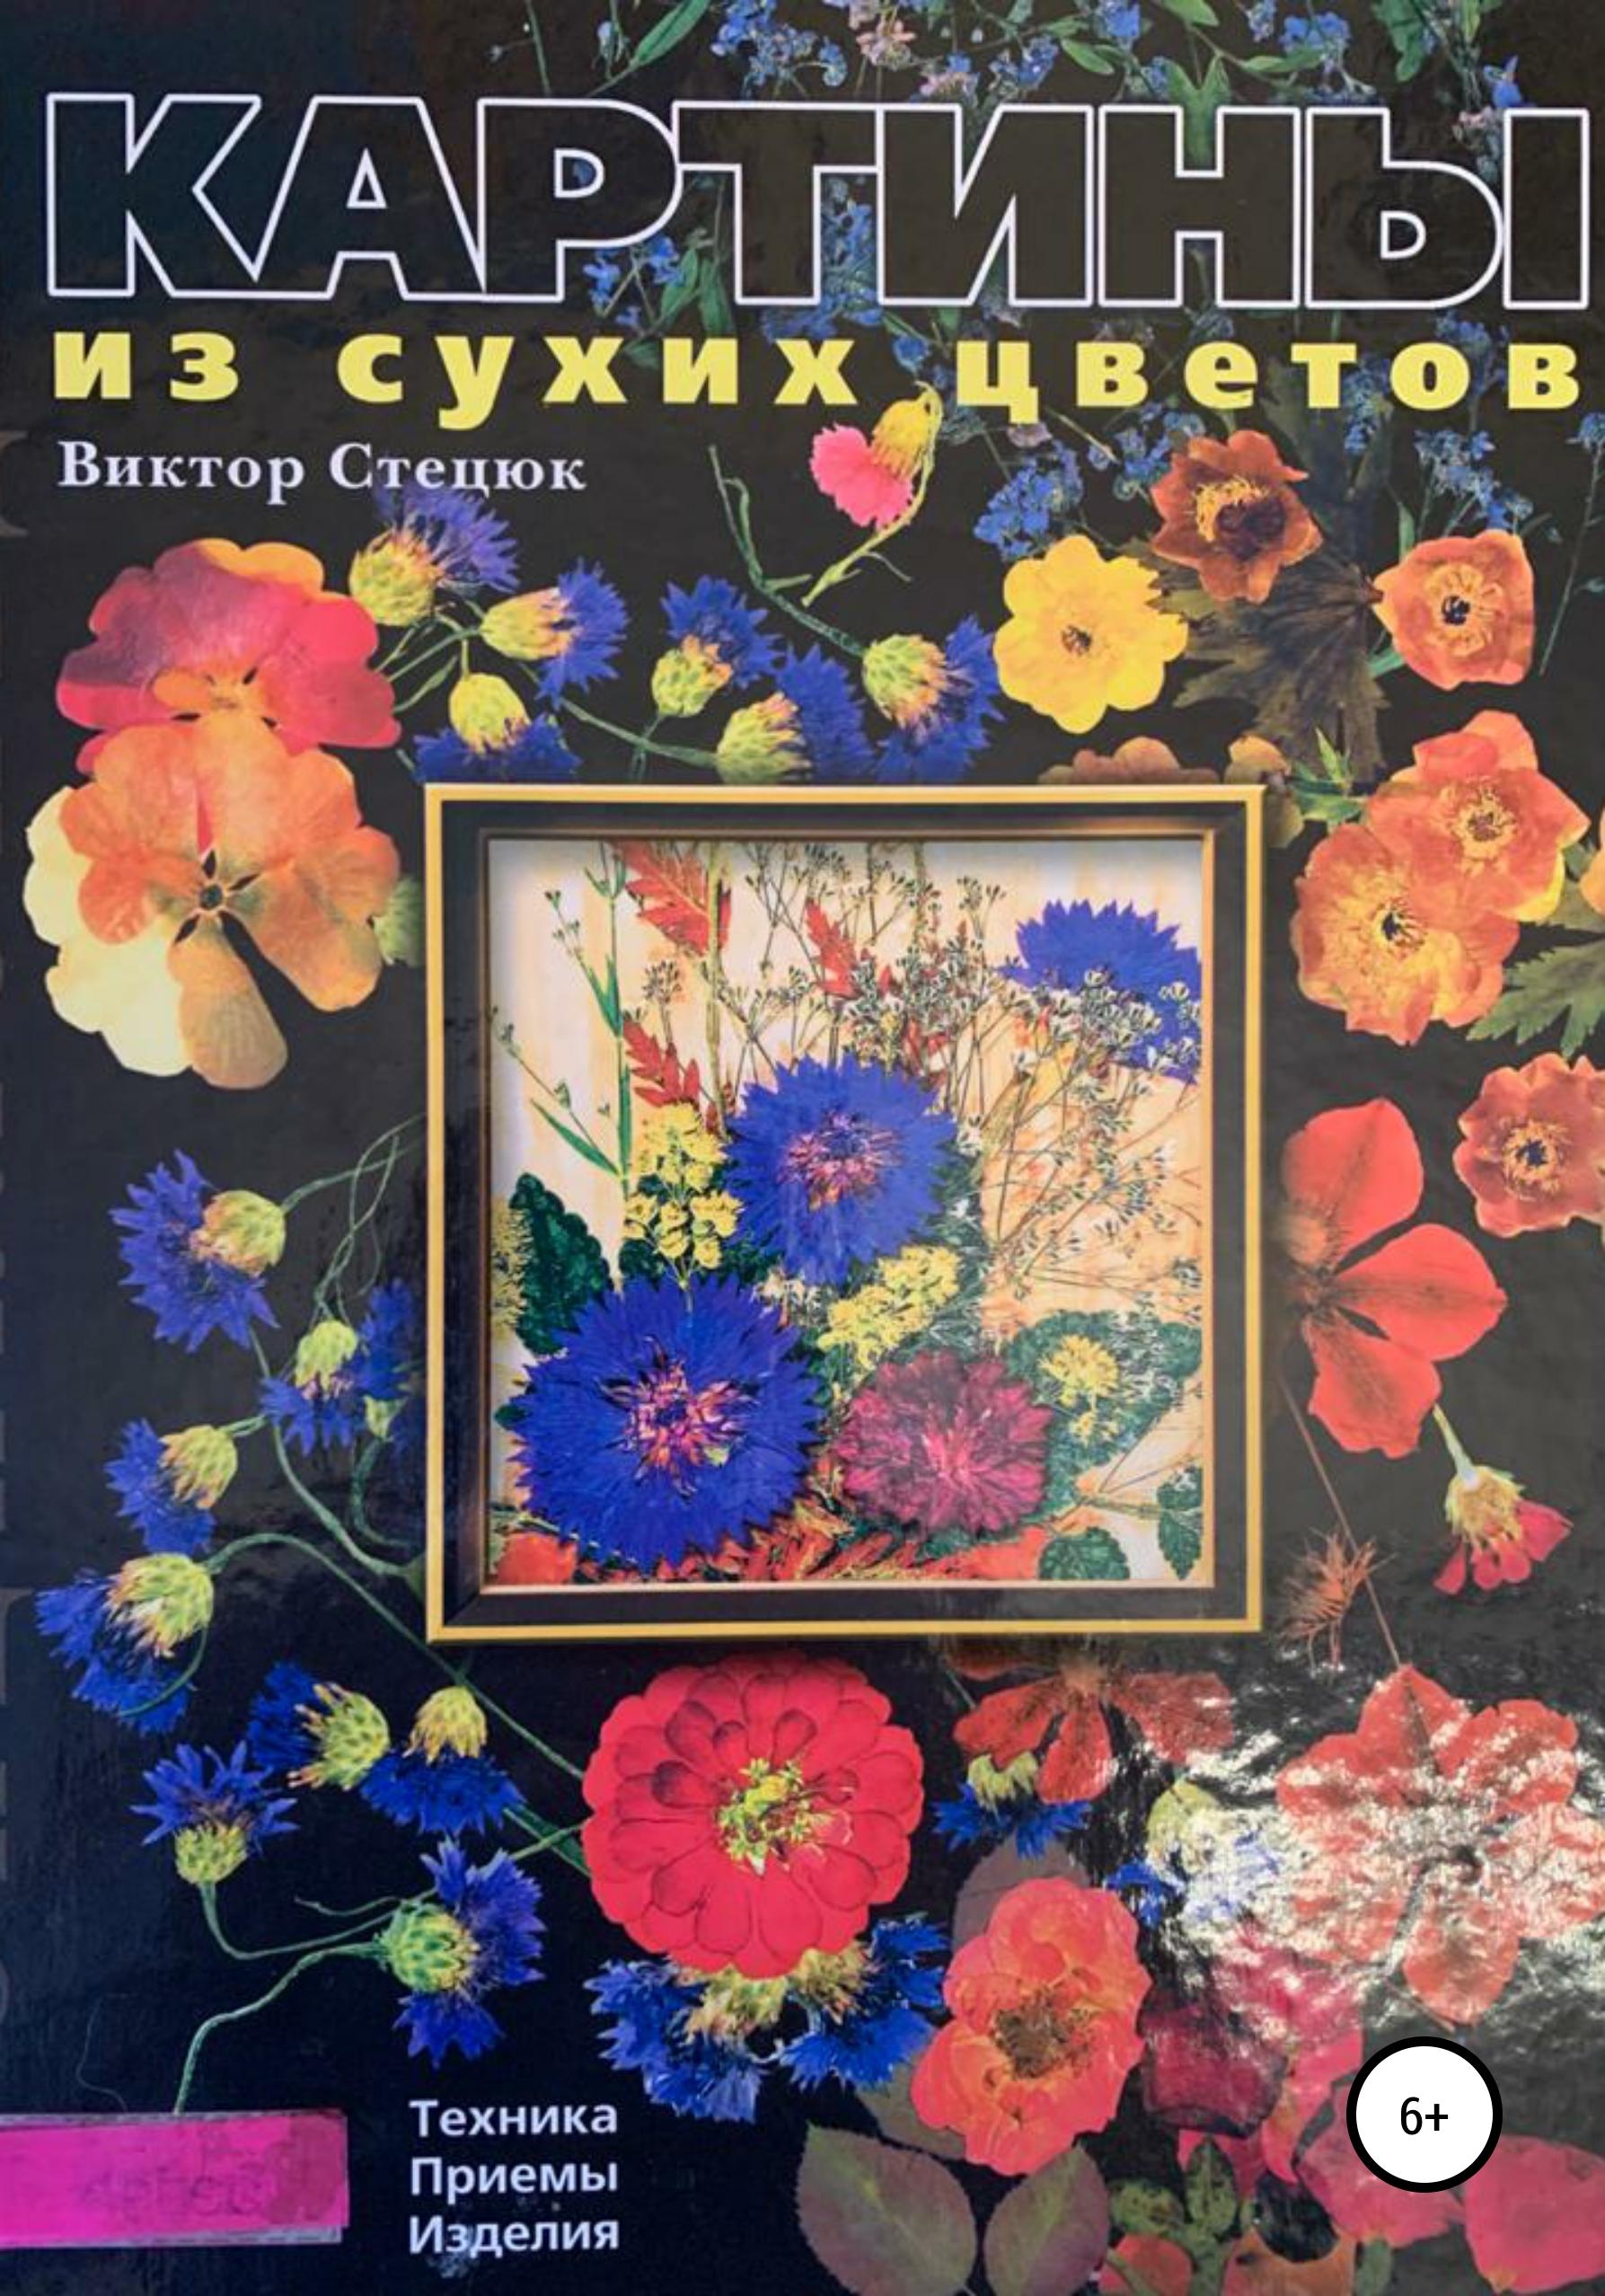 Картины из сухих цветов ( Виктор Григорьевич Стецюк  )